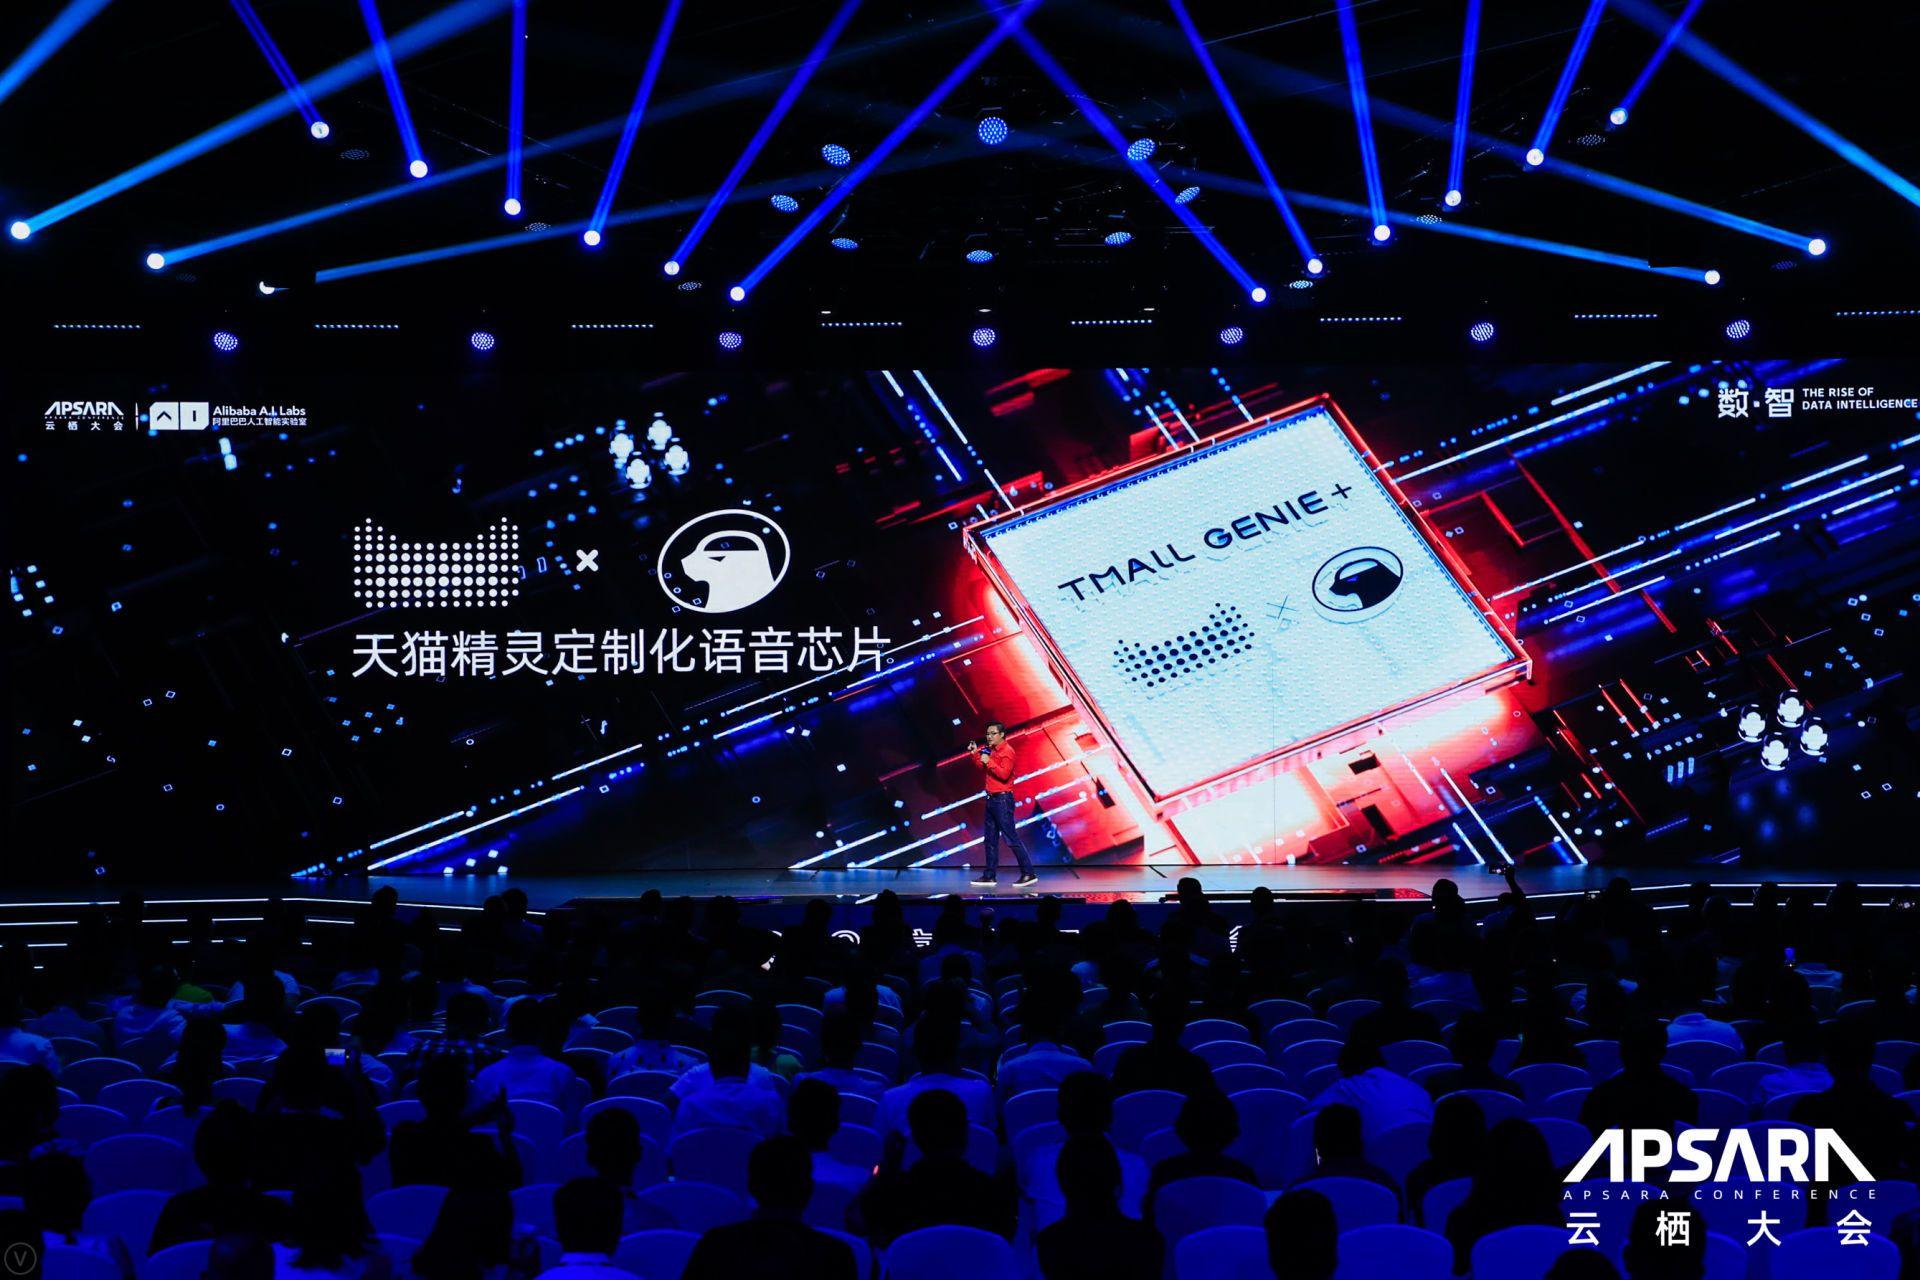 天猫精灵发布CCL及IN糖两款新品,与平头哥联合定制智能语音芯片